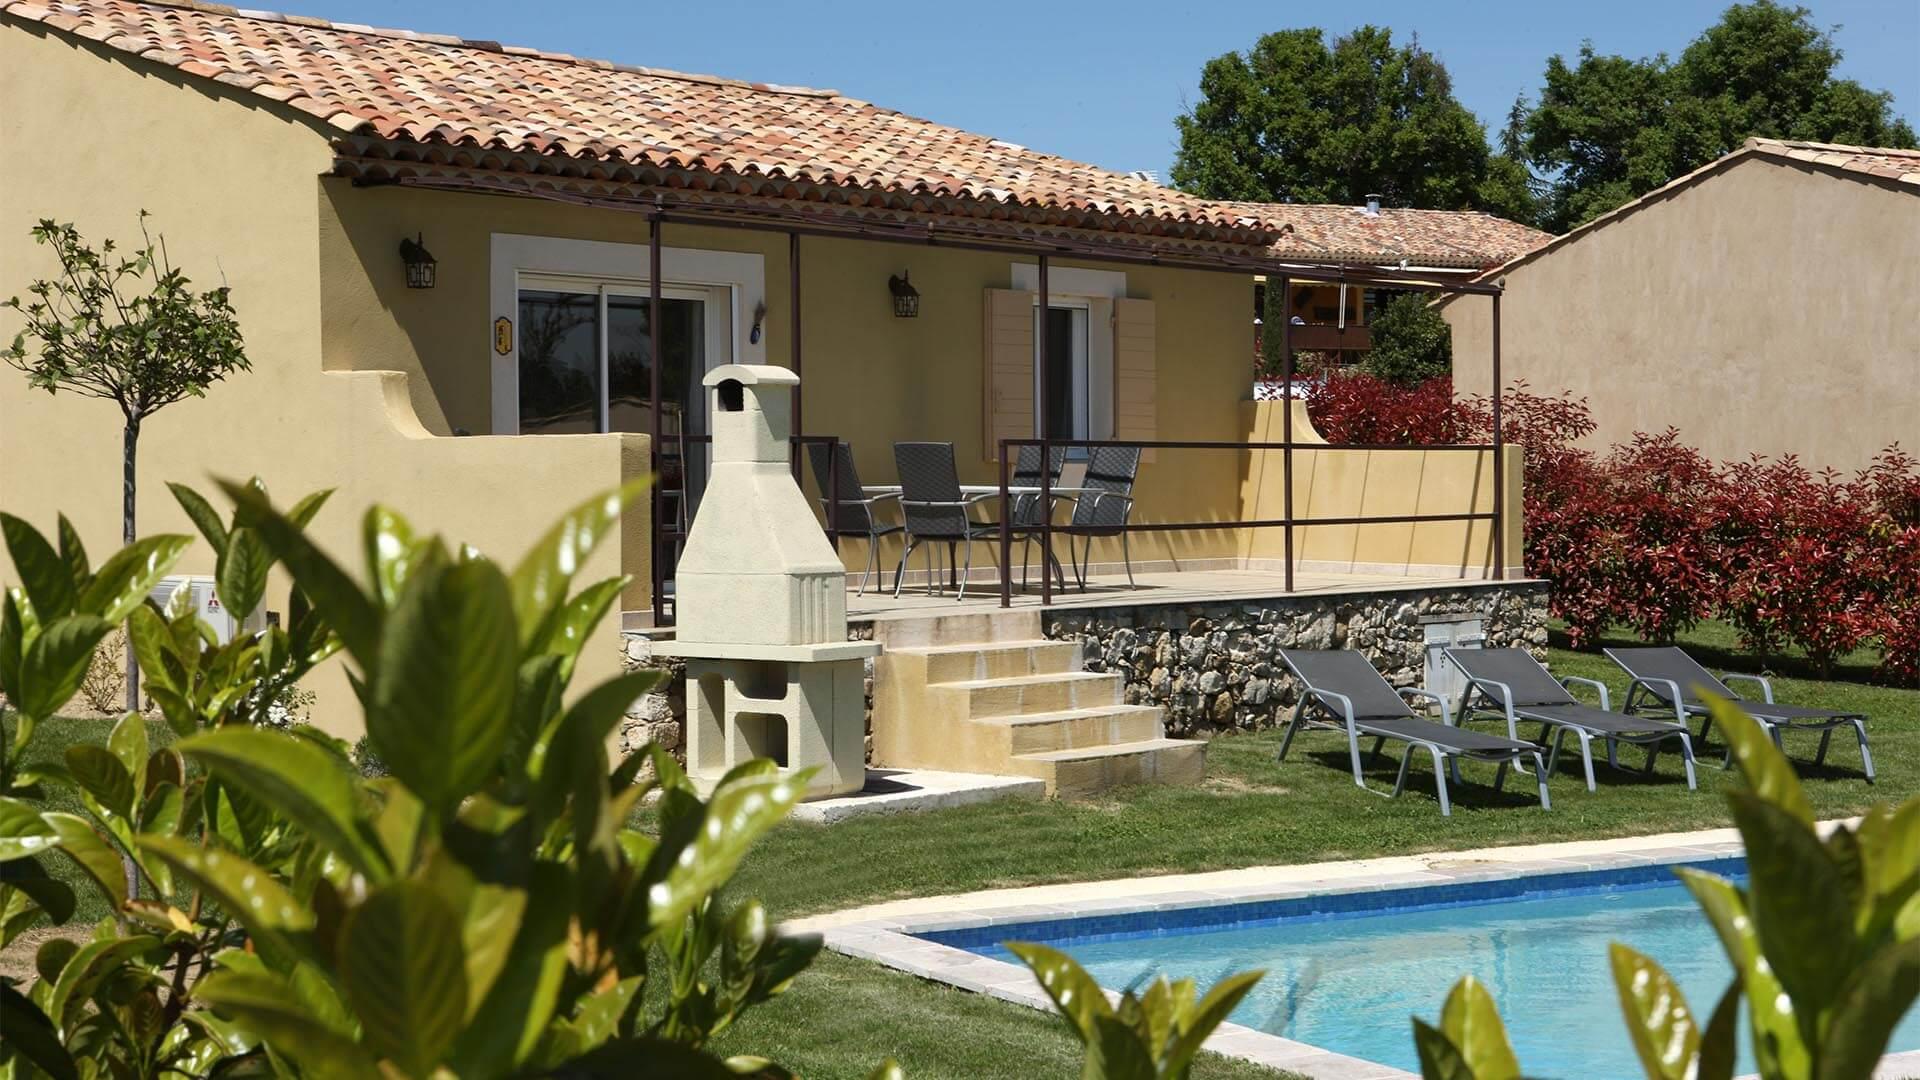 Location vacances T3 Luberon | Villa mon rêve | Terrasse, barbecue et piscine